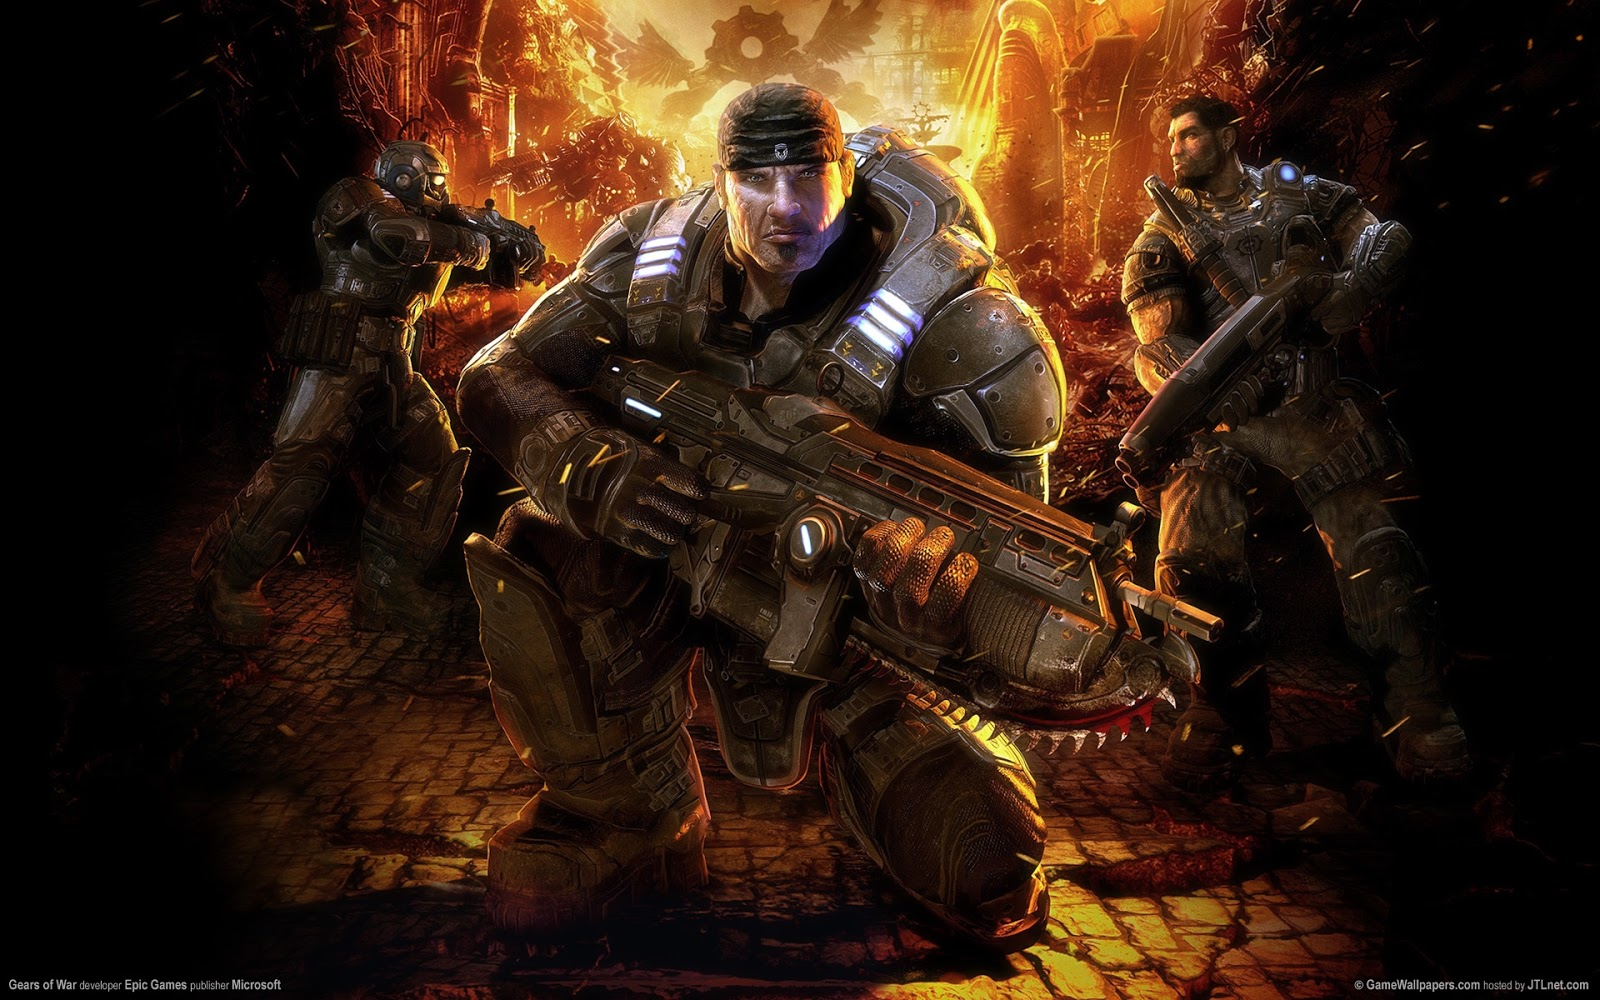 http://4.bp.blogspot.com/-UIvIweUtvTo/ULr5Nv6VRDI/AAAAAAAADH4/2VsuWkFTnxo/s1600/Gears-of-War-Wallpaper-02.jpg